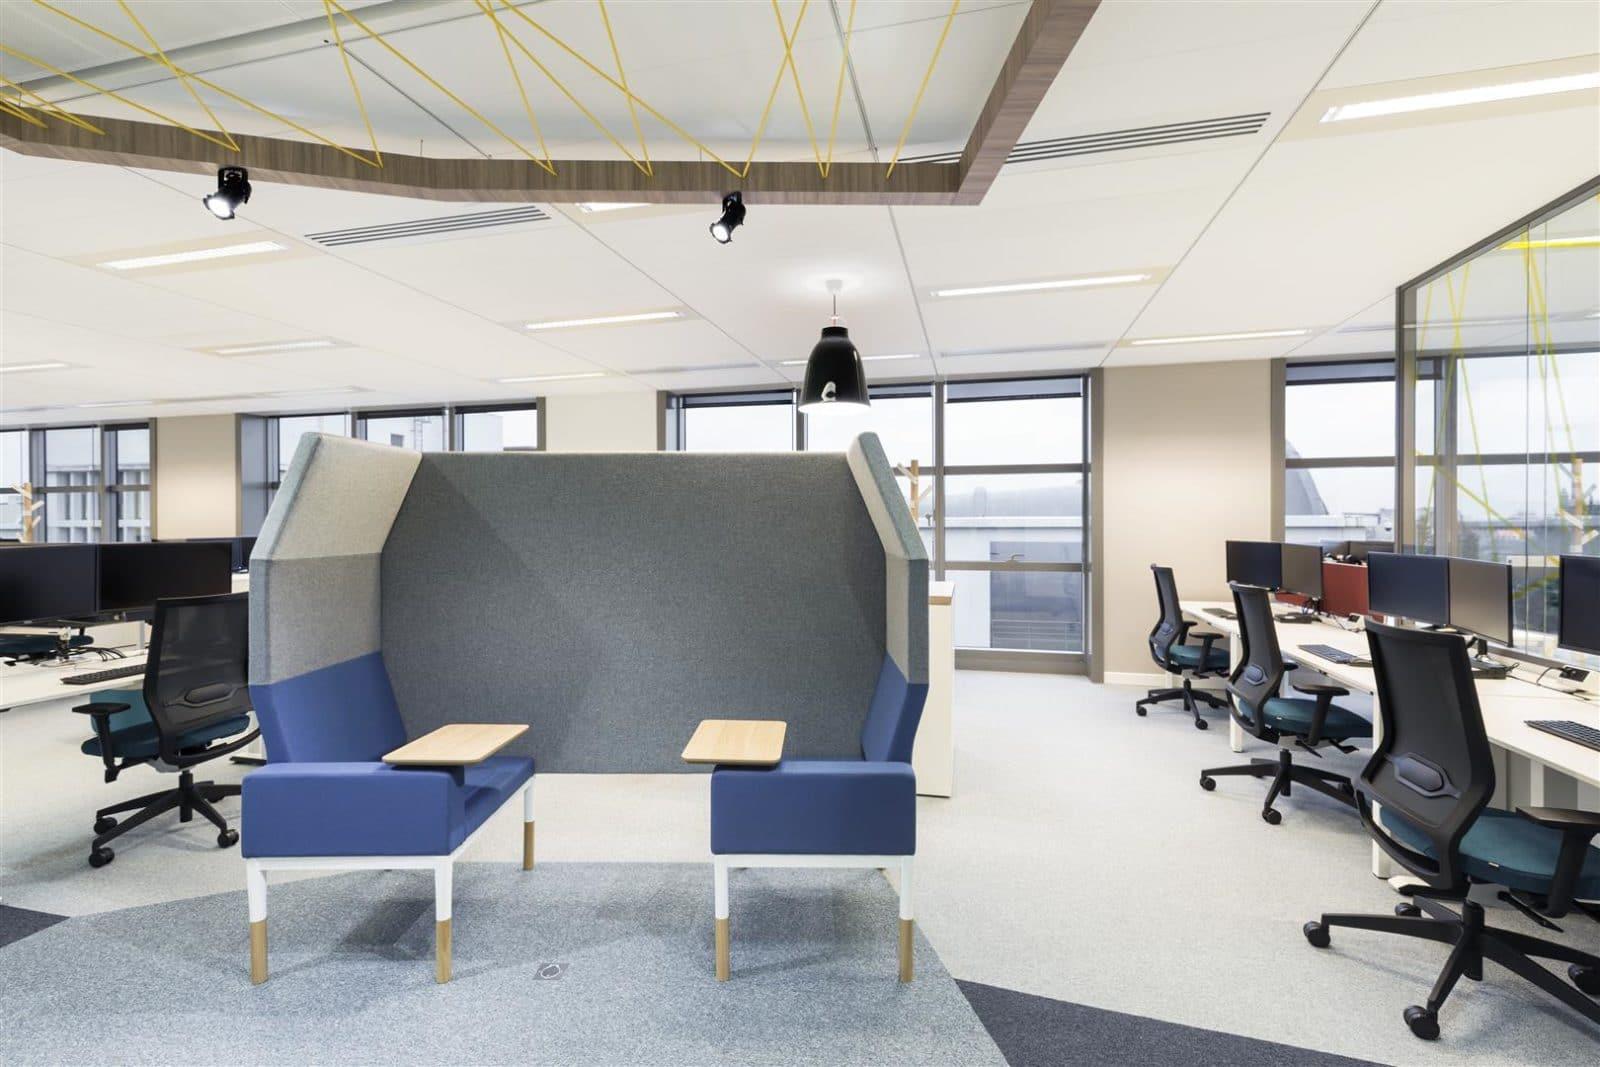 Les Enjeux Du0027un Aménagement Design Des Espaces De Travail